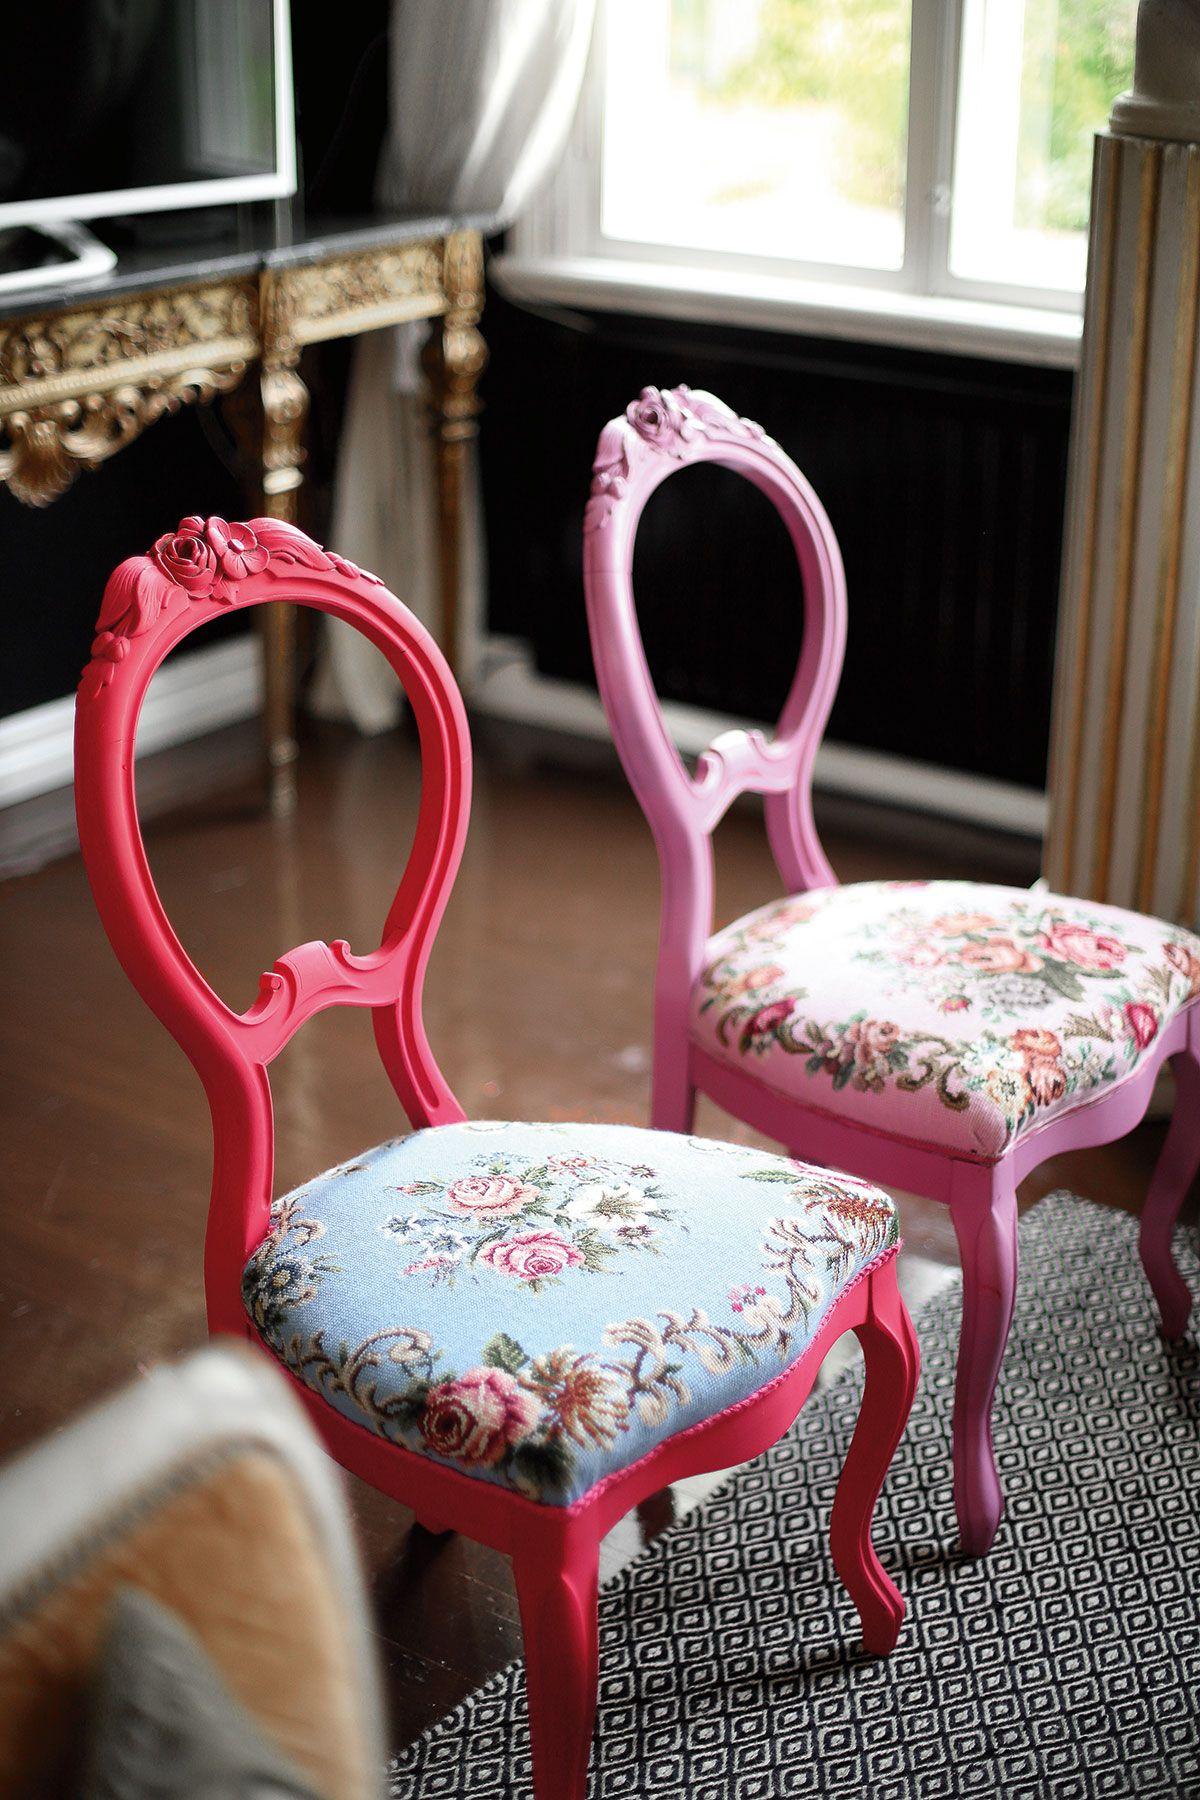 Railakkaat tuolit sopivat nuoreen kotiin tai designhenkiseen toimistoon.